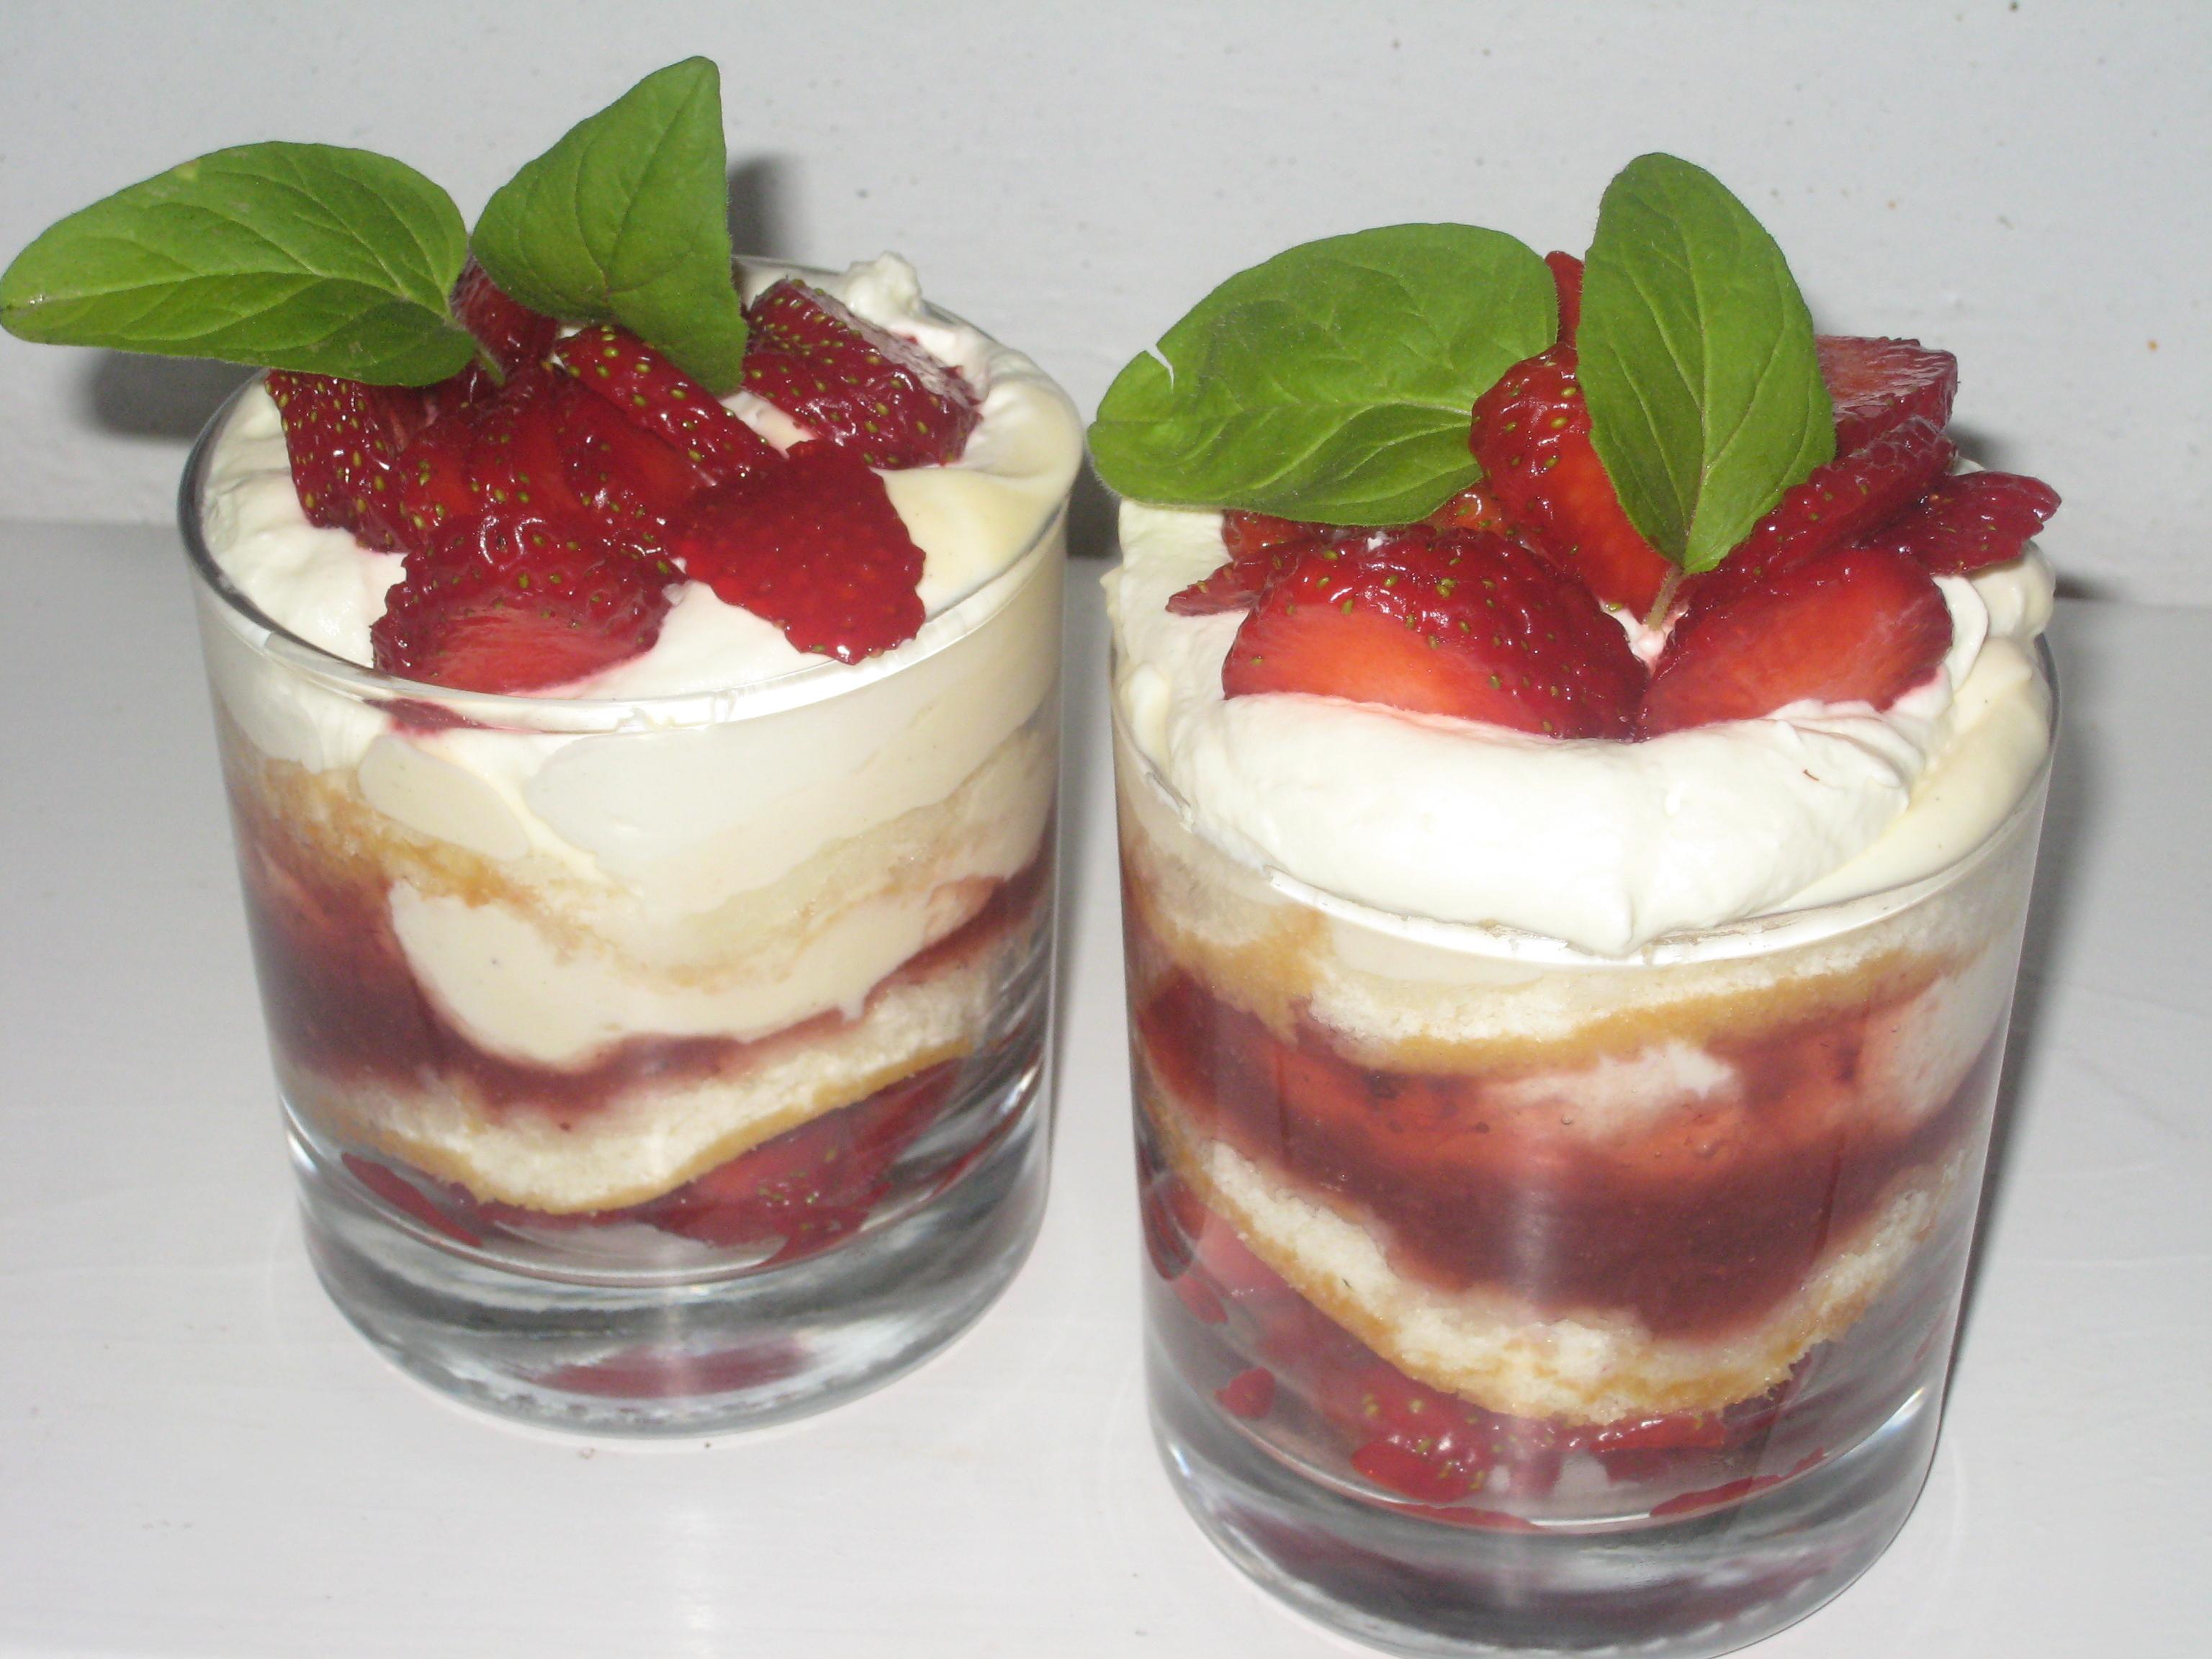 Tårta i glas